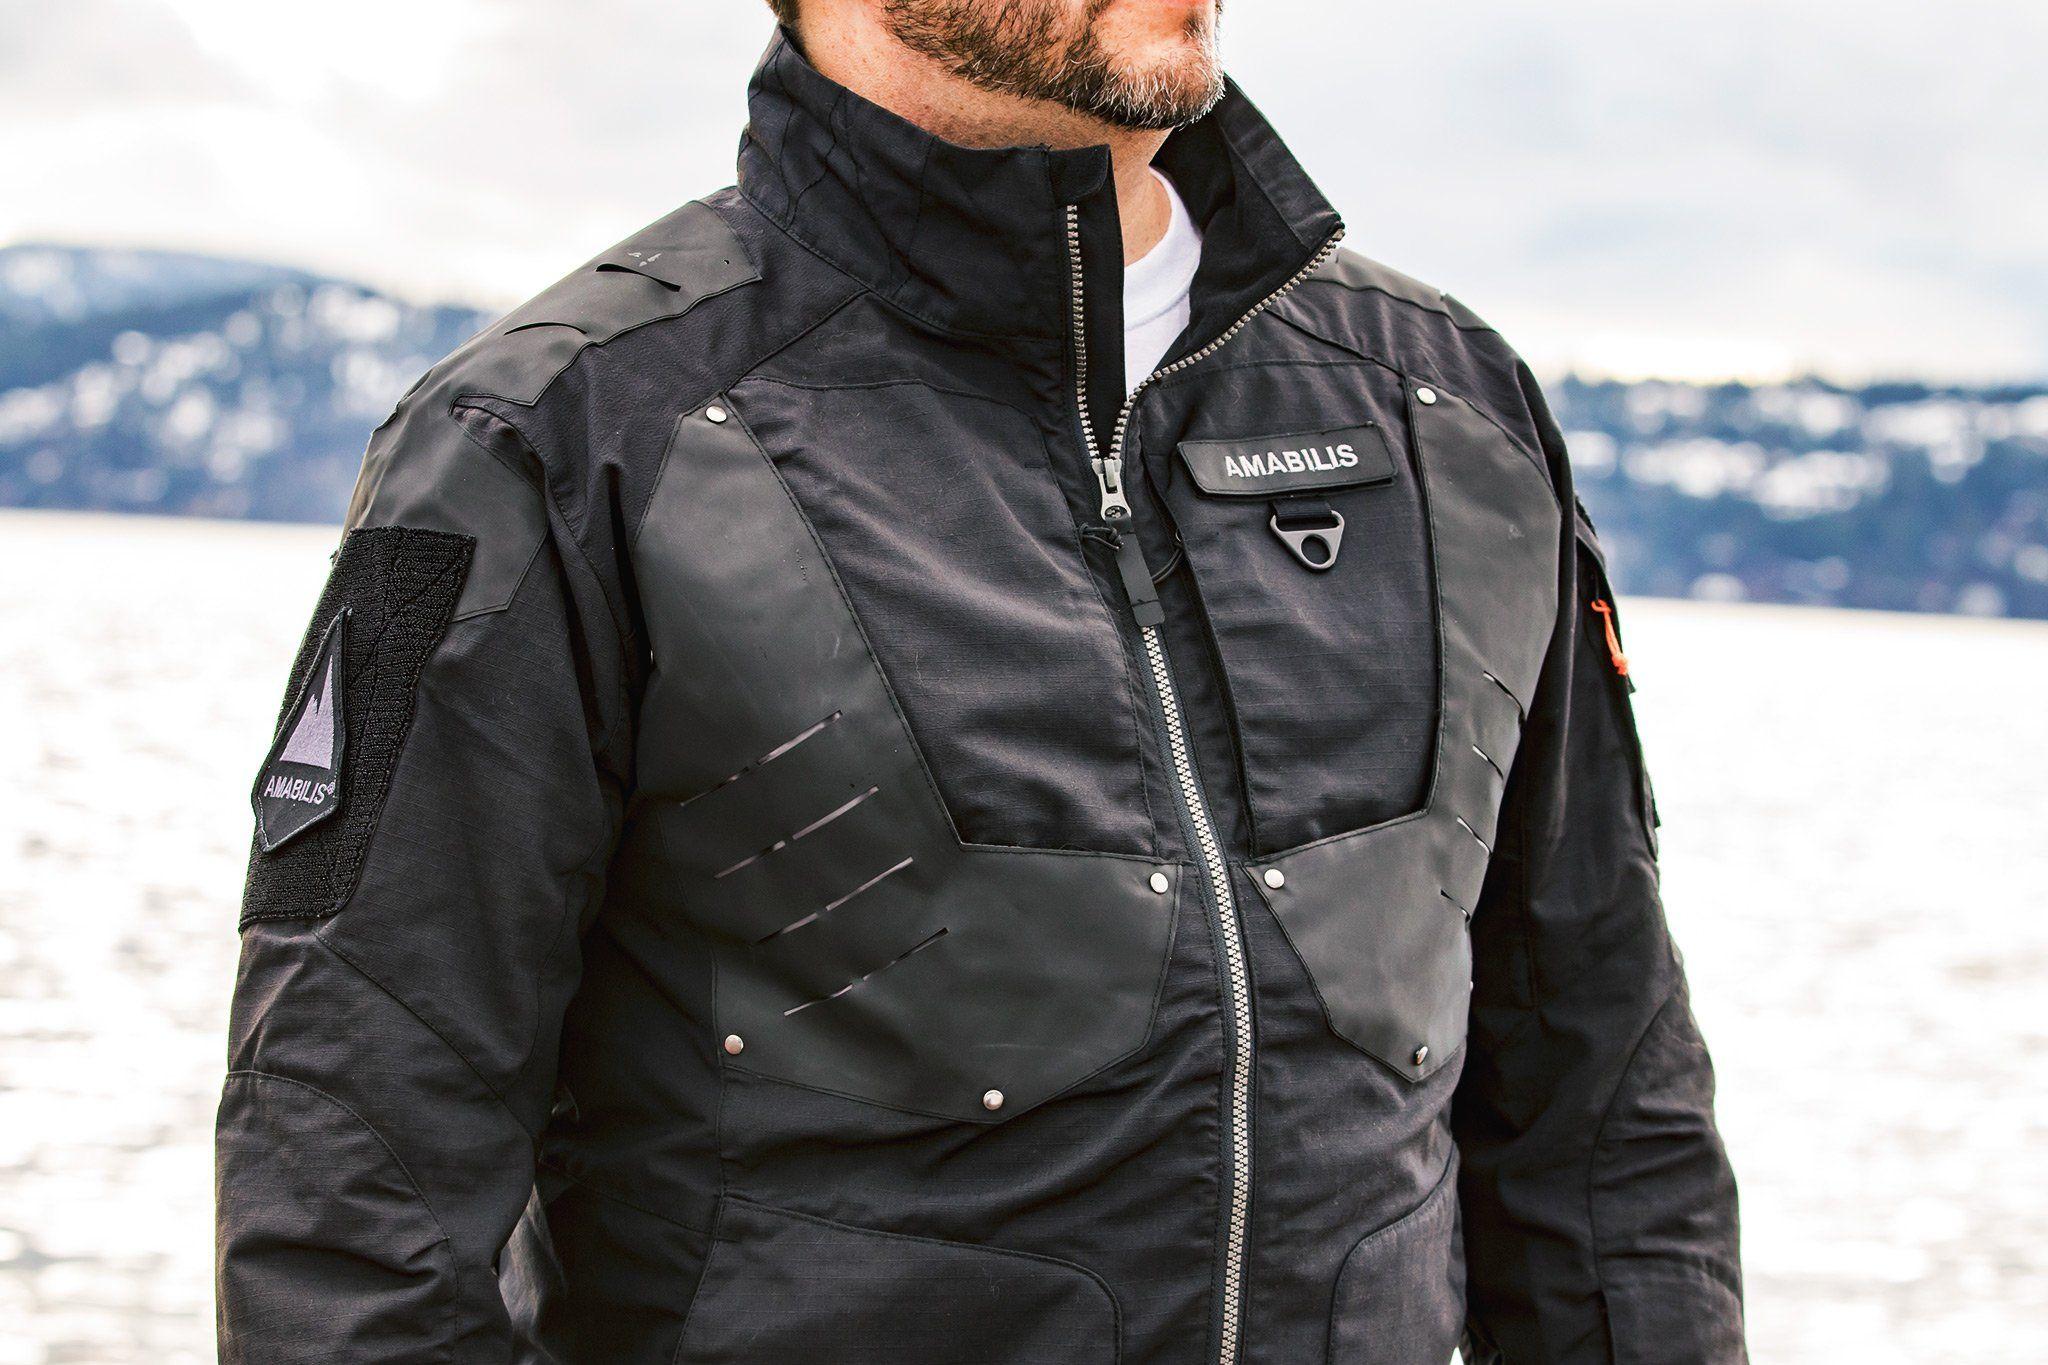 Responder Tactical Jacket Men S Tactical Jacket Mens Jackets Jackets [ 1365 x 2048 Pixel ]